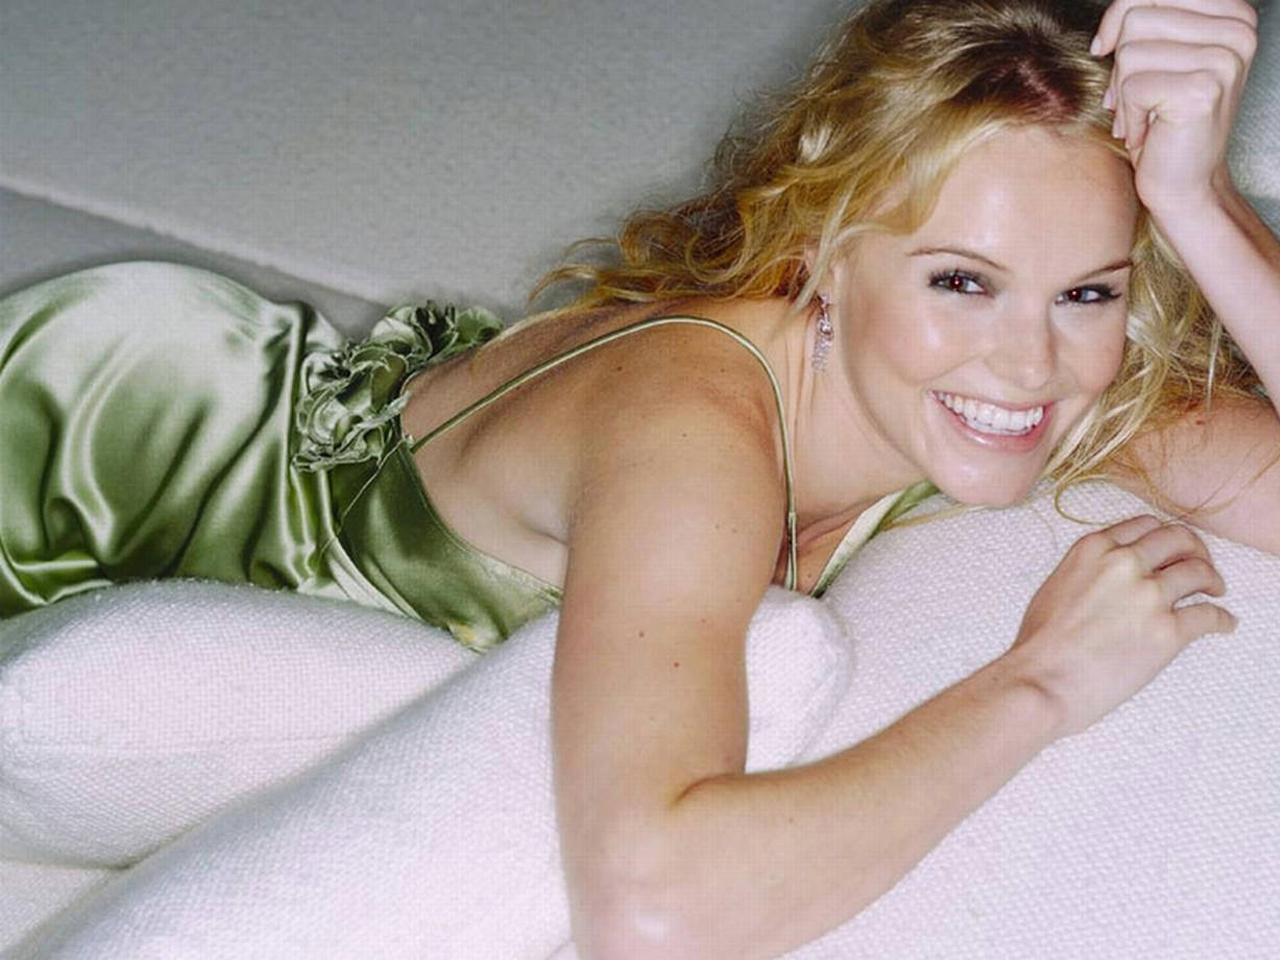 http://2.bp.blogspot.com/-_ExBoP3F1fw/UEMSdMxmtAI/AAAAAAAAAQU/Ol51e4i7hBw/s1600/Kate_Bosworth_Hot-Wallpaper-2012-06.jpg